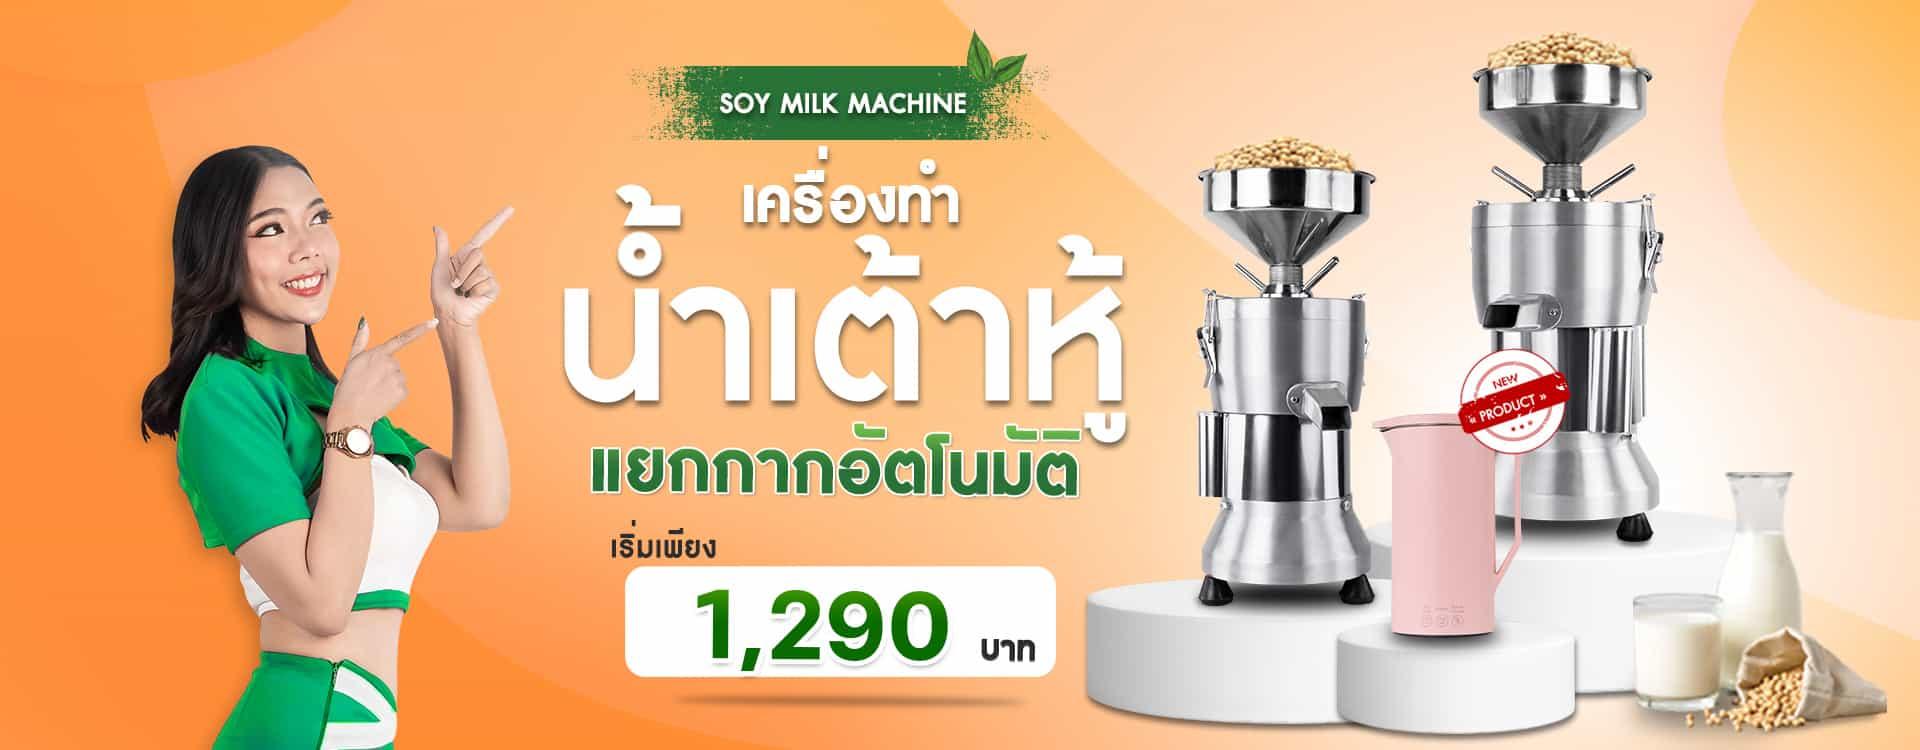 soy-milk-machine-banner